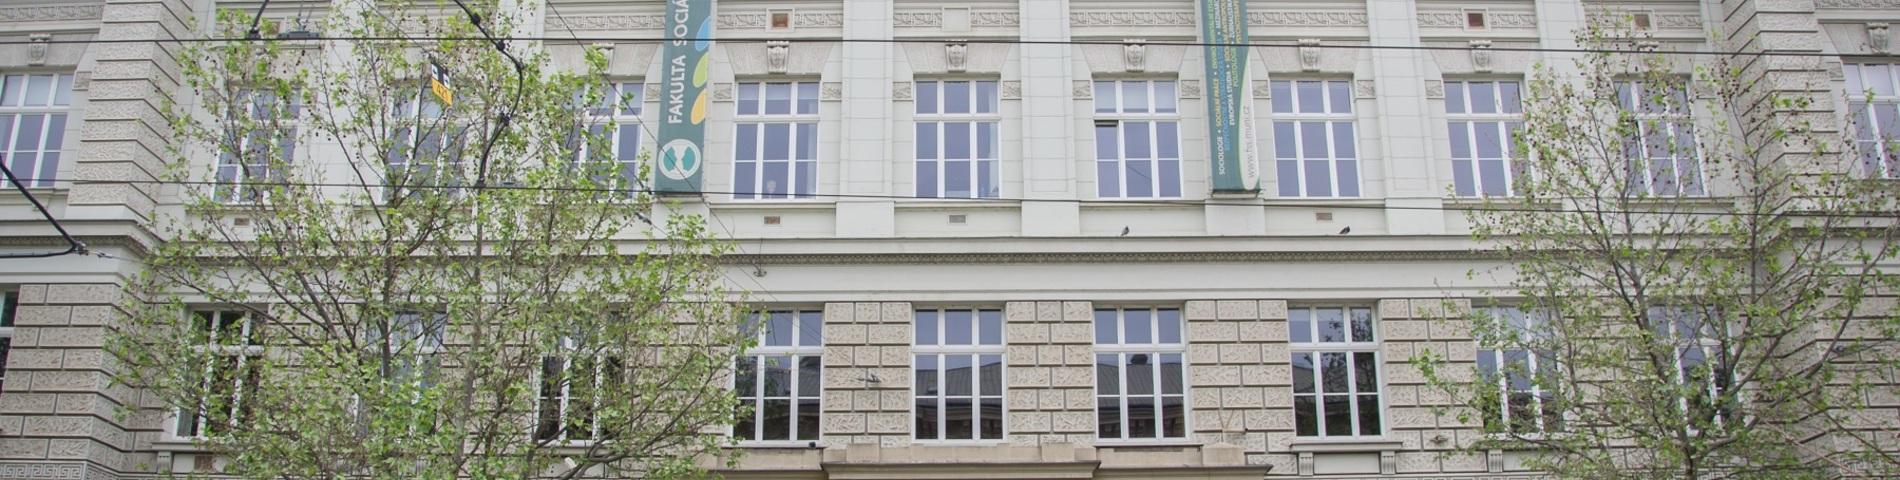 CA Institute photo 1